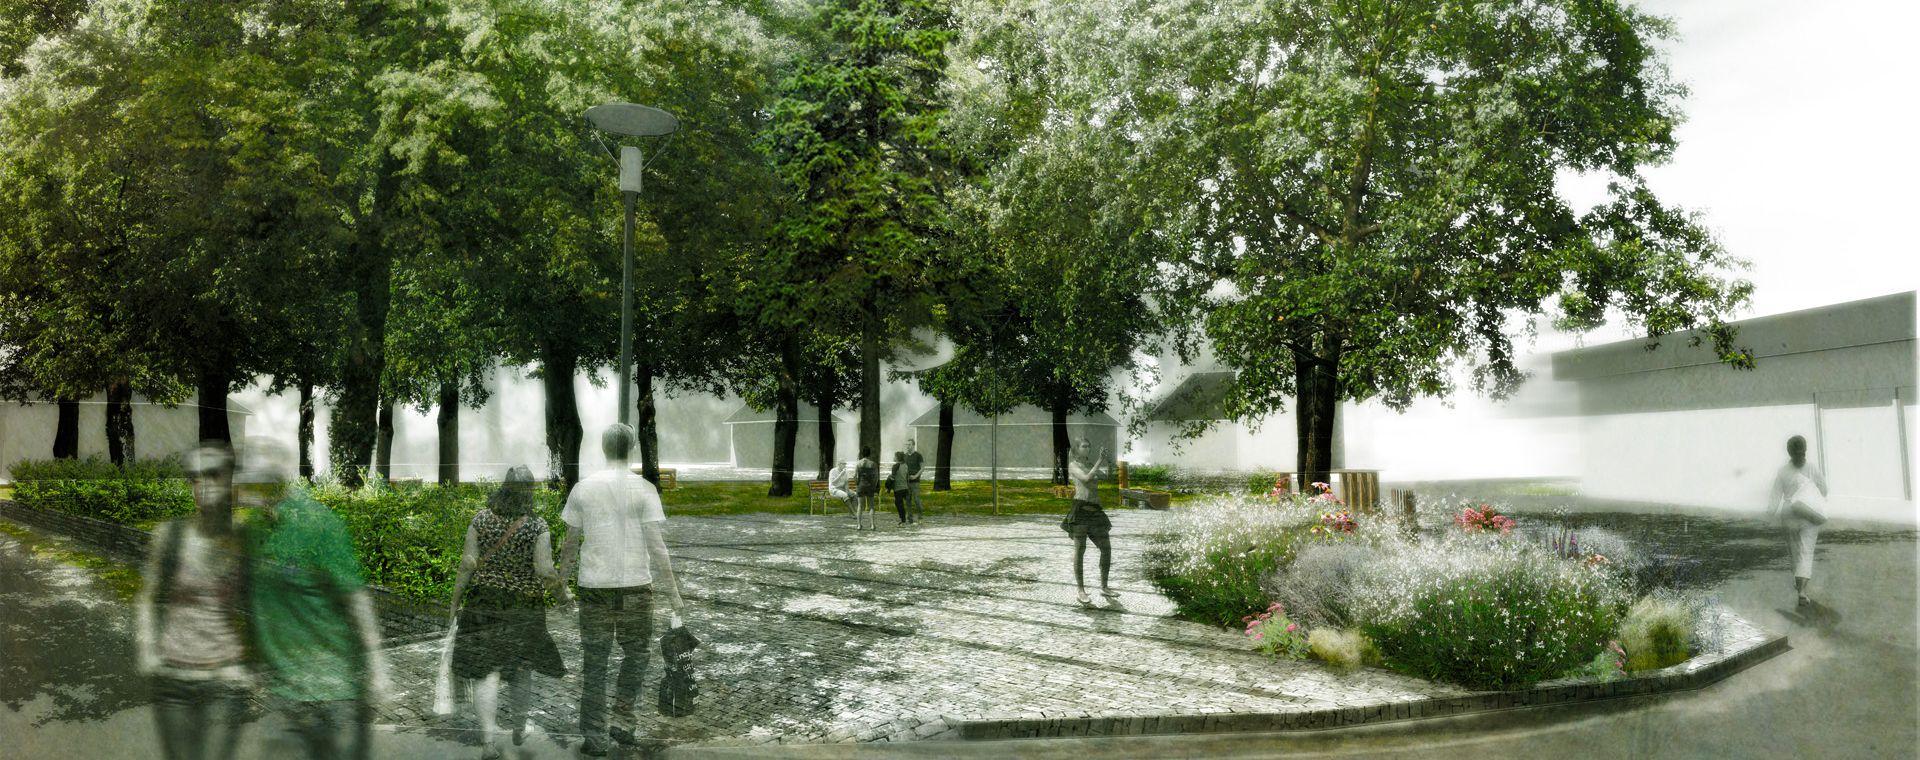 Urban square in Cardice, SK.